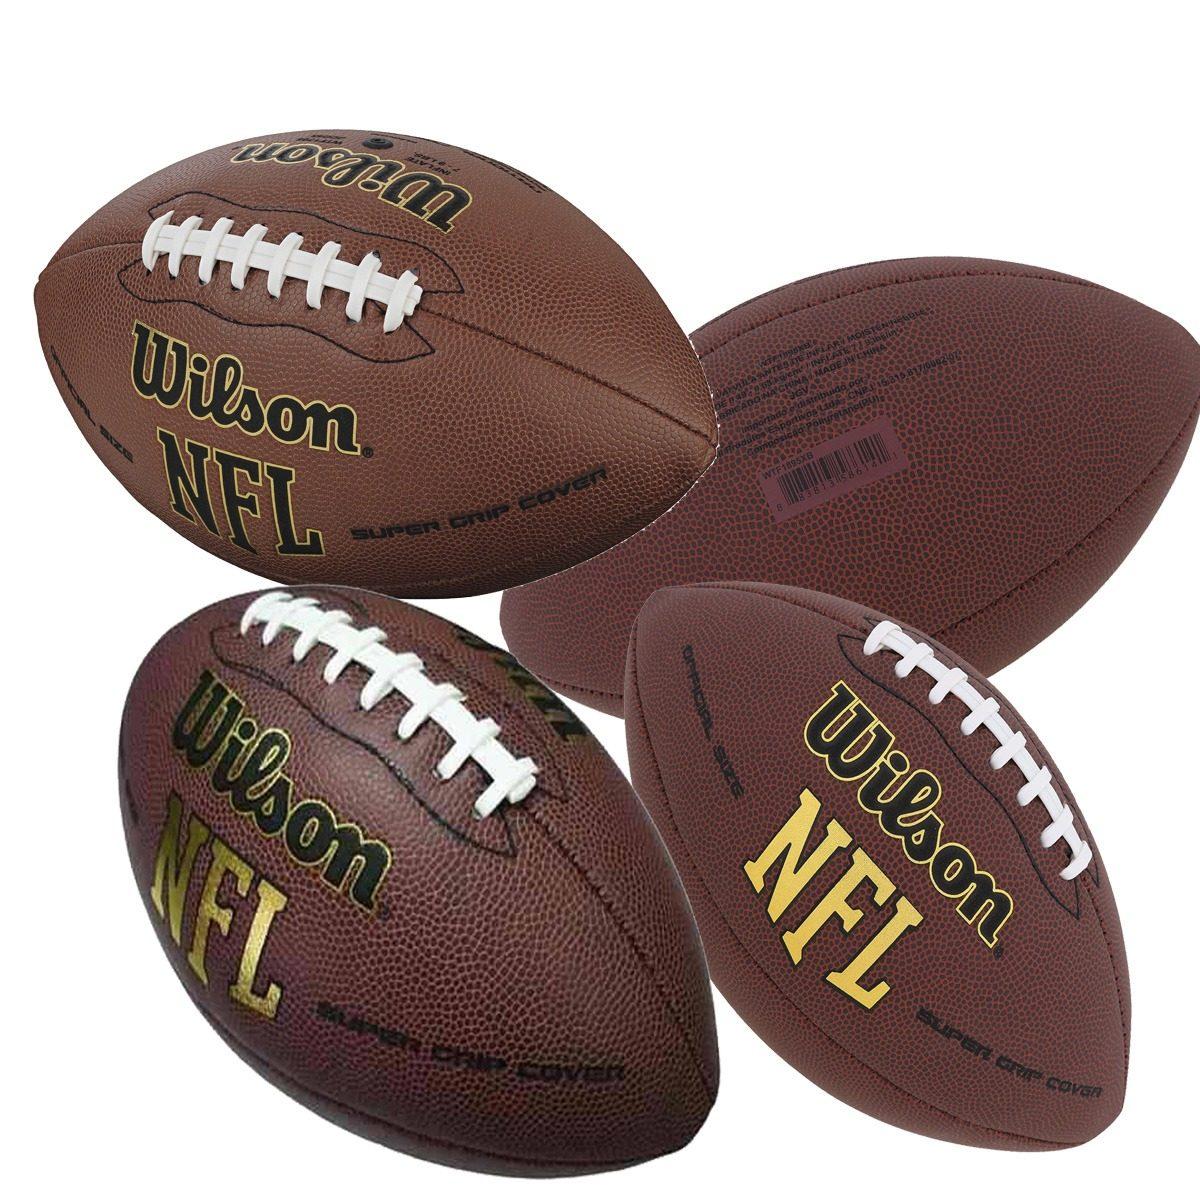 4 Bolas De Futebol Americano Wilson Nfl Super Grip Original - R  265 ... d4b8fa6c138